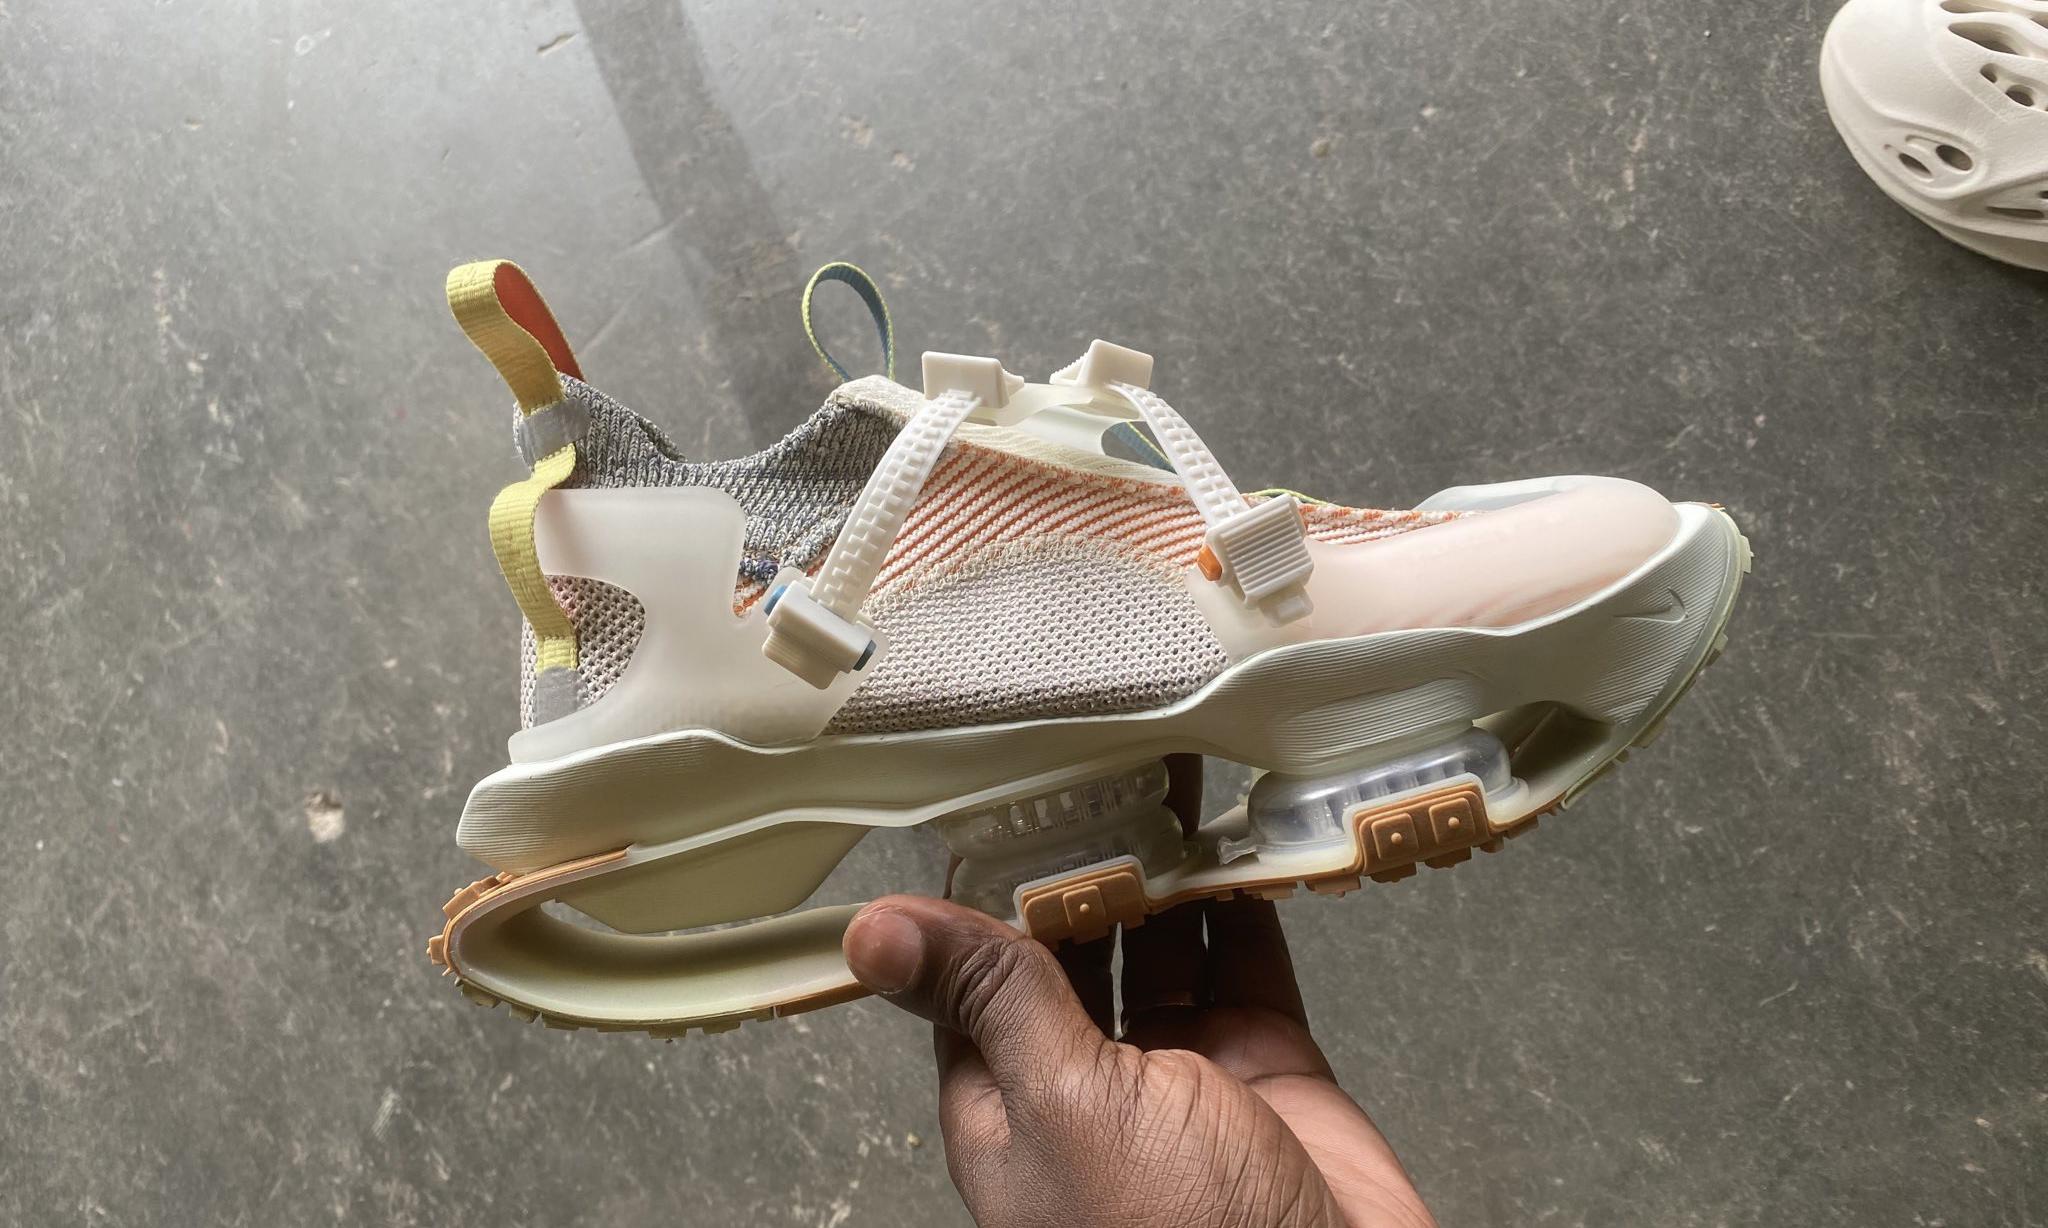 """""""WOW"""": Las zapatillas """"ISPA Zoom Road Warrior"""" de Nike que sorprendieron a Kanye West"""